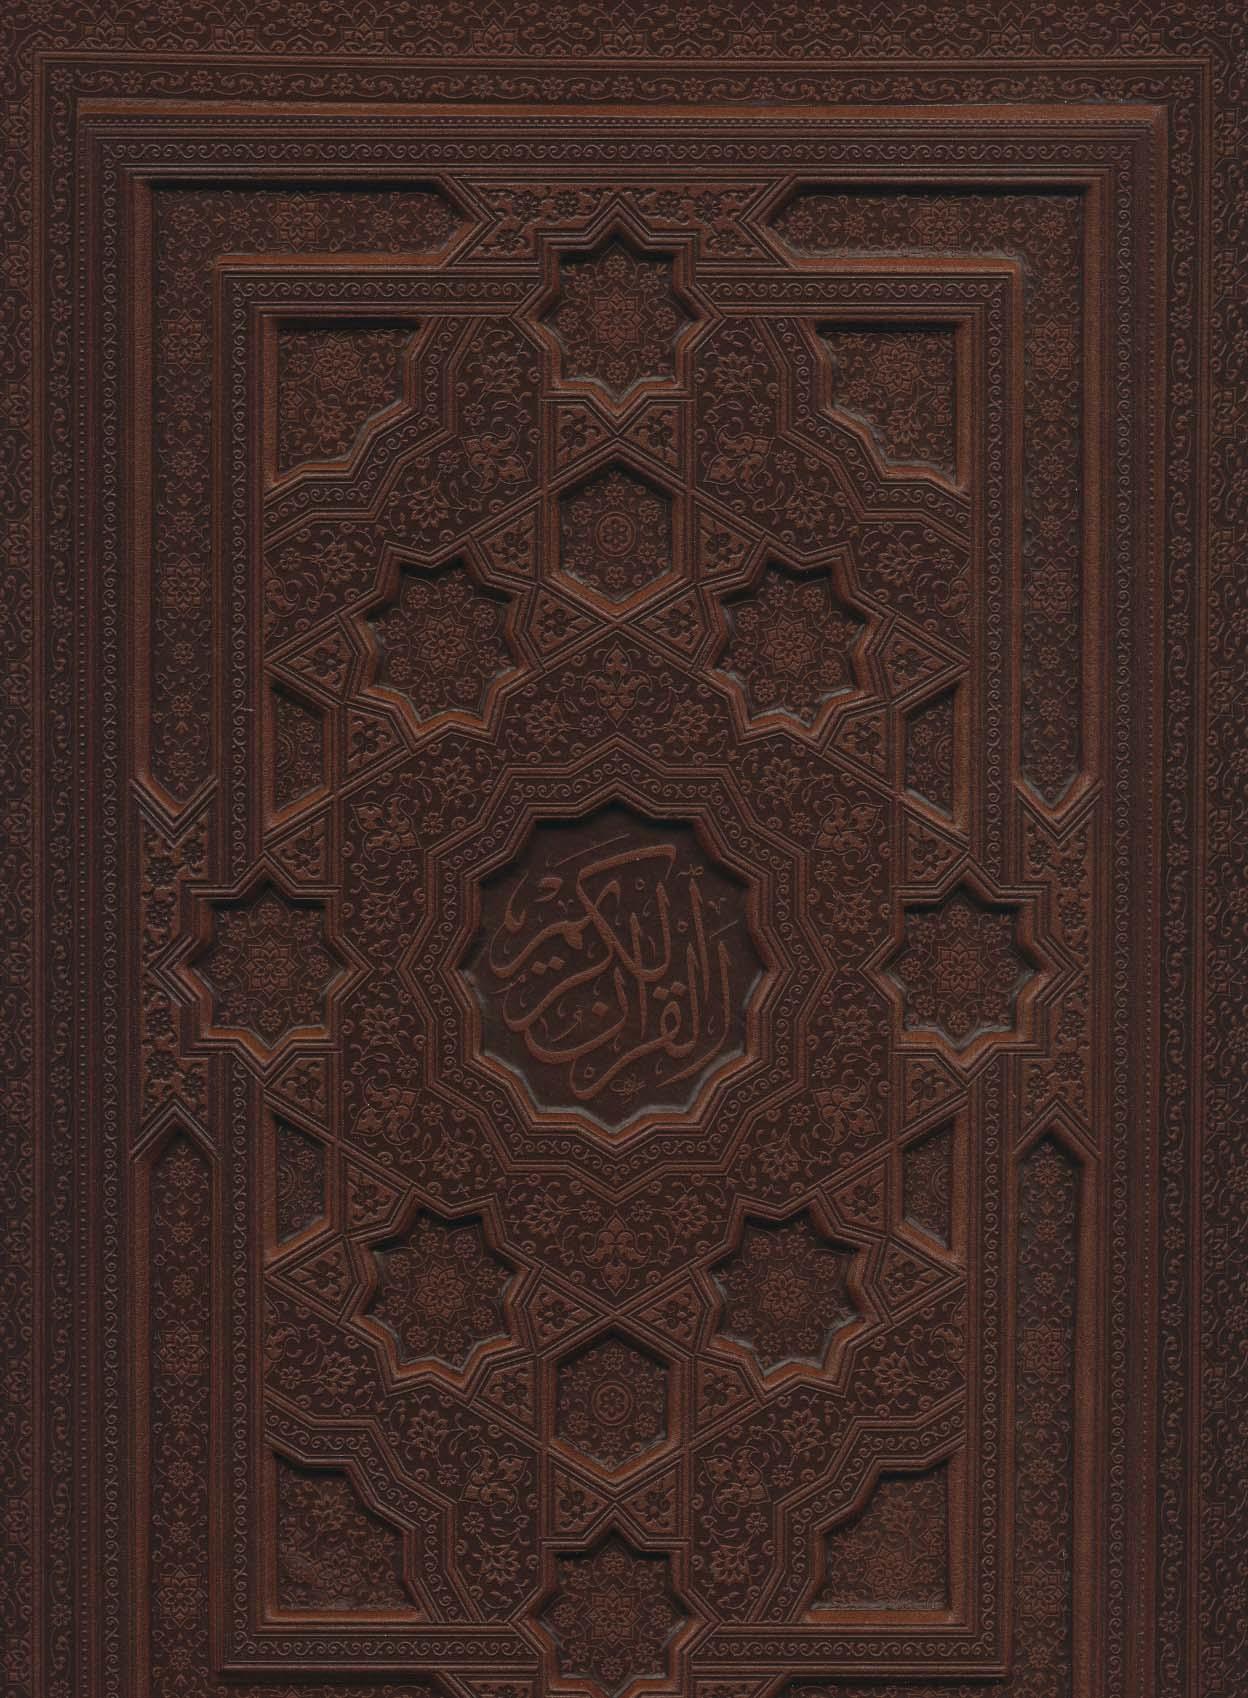 قرآن کریم سلطانی (6رنگ،معطر،گلاسه،باجعبه،چرم،لب طلایی)